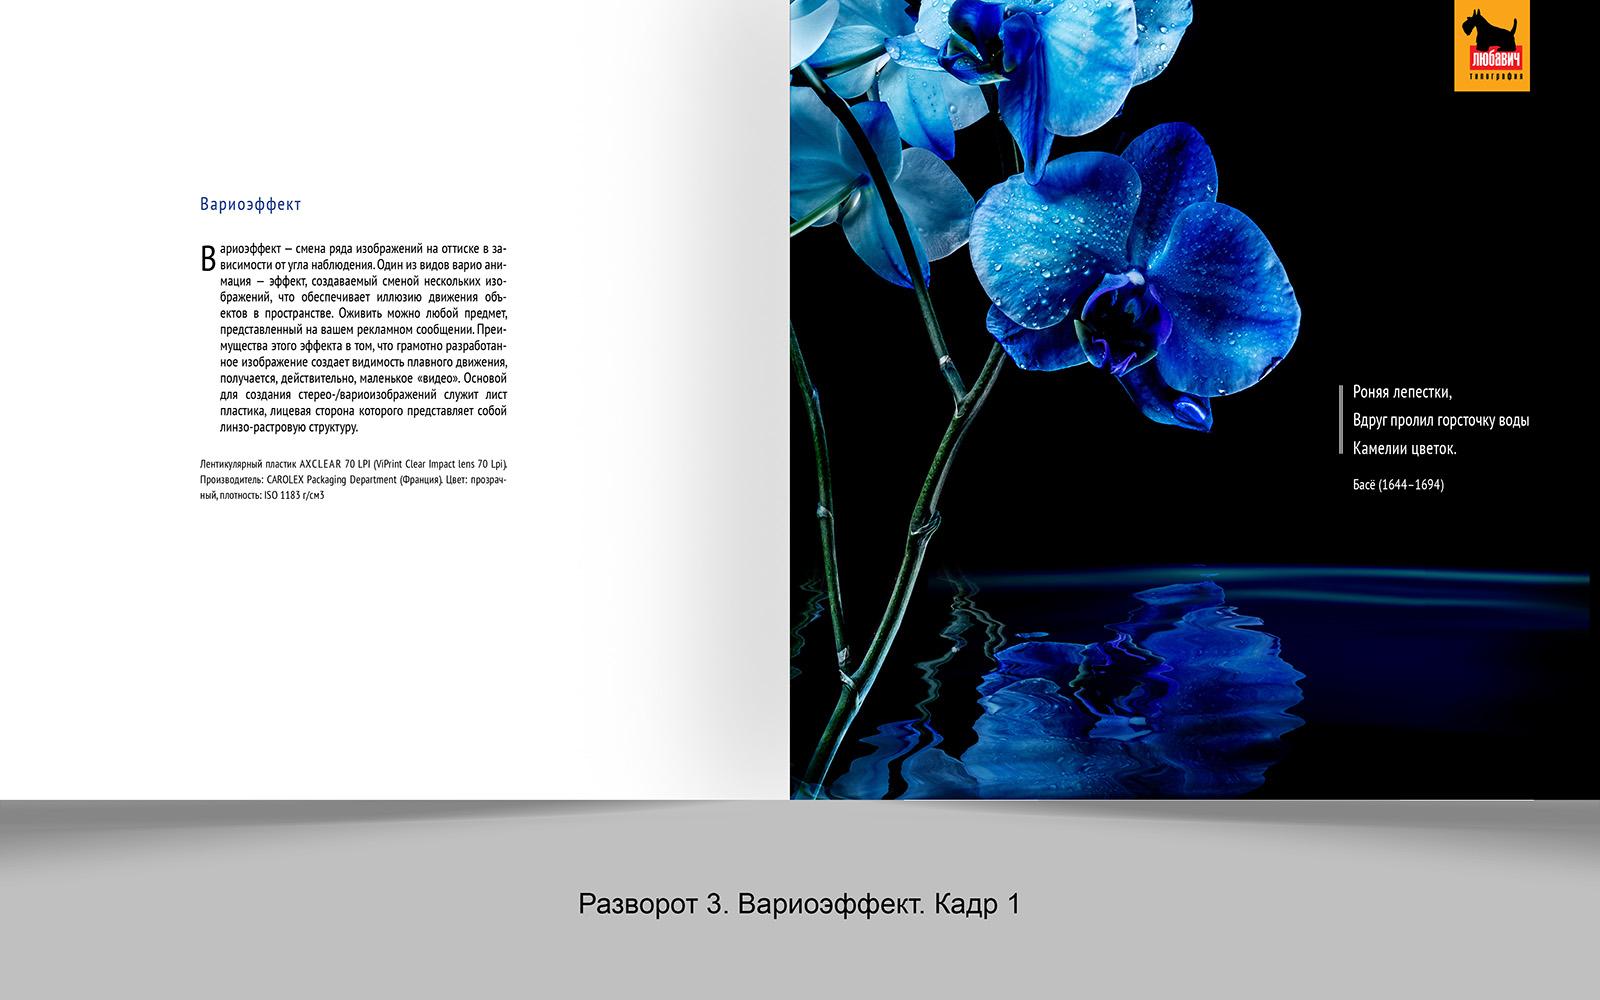 Дизайн рекламной брошюры возможностей типографии фото f_6015648d4c33ad7d.jpg